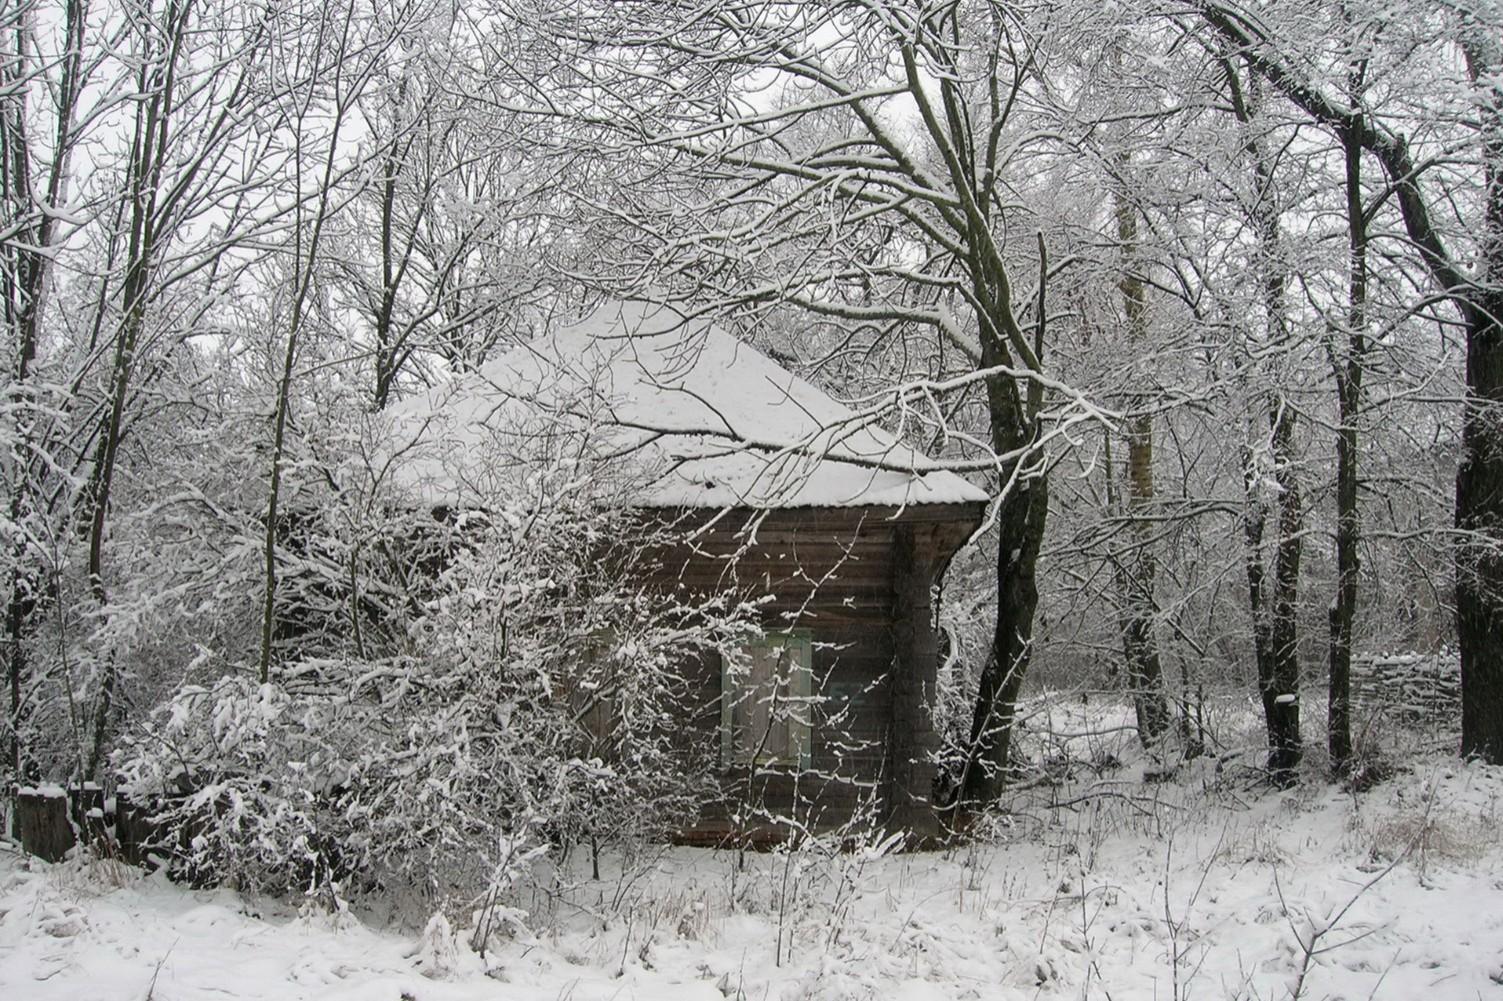 Εγκαταλελειμμένο σπίτι. Φωτο: Valeriy Yurko